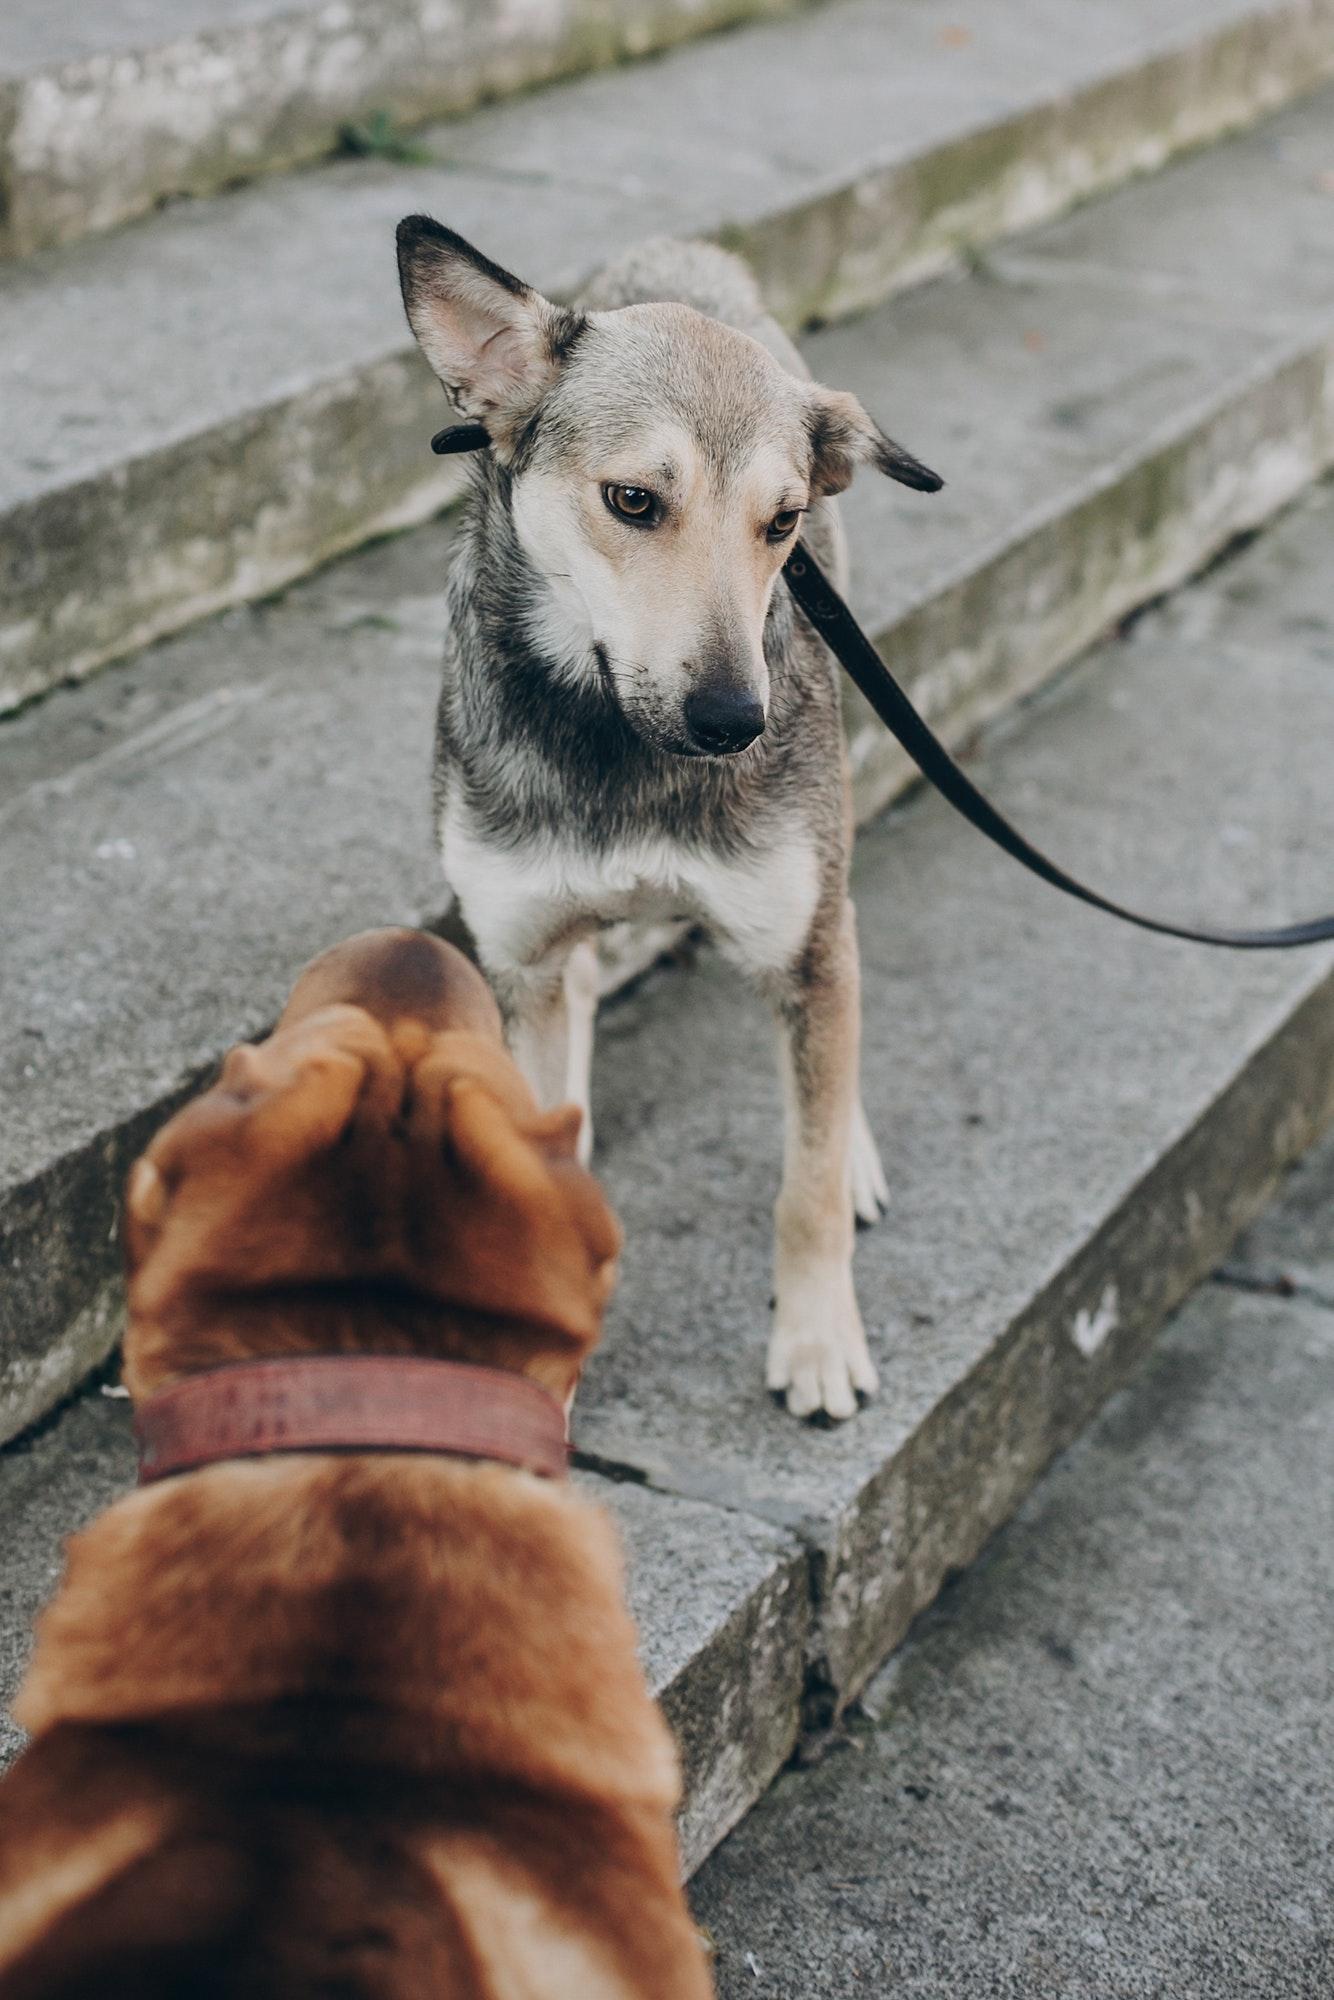 Hundetræning & Hvalpetræning Gentofte - Hundetræner Gentofte tilbyder fleksibel træning privat og i hold, læs mere om hundetræning Gentofte